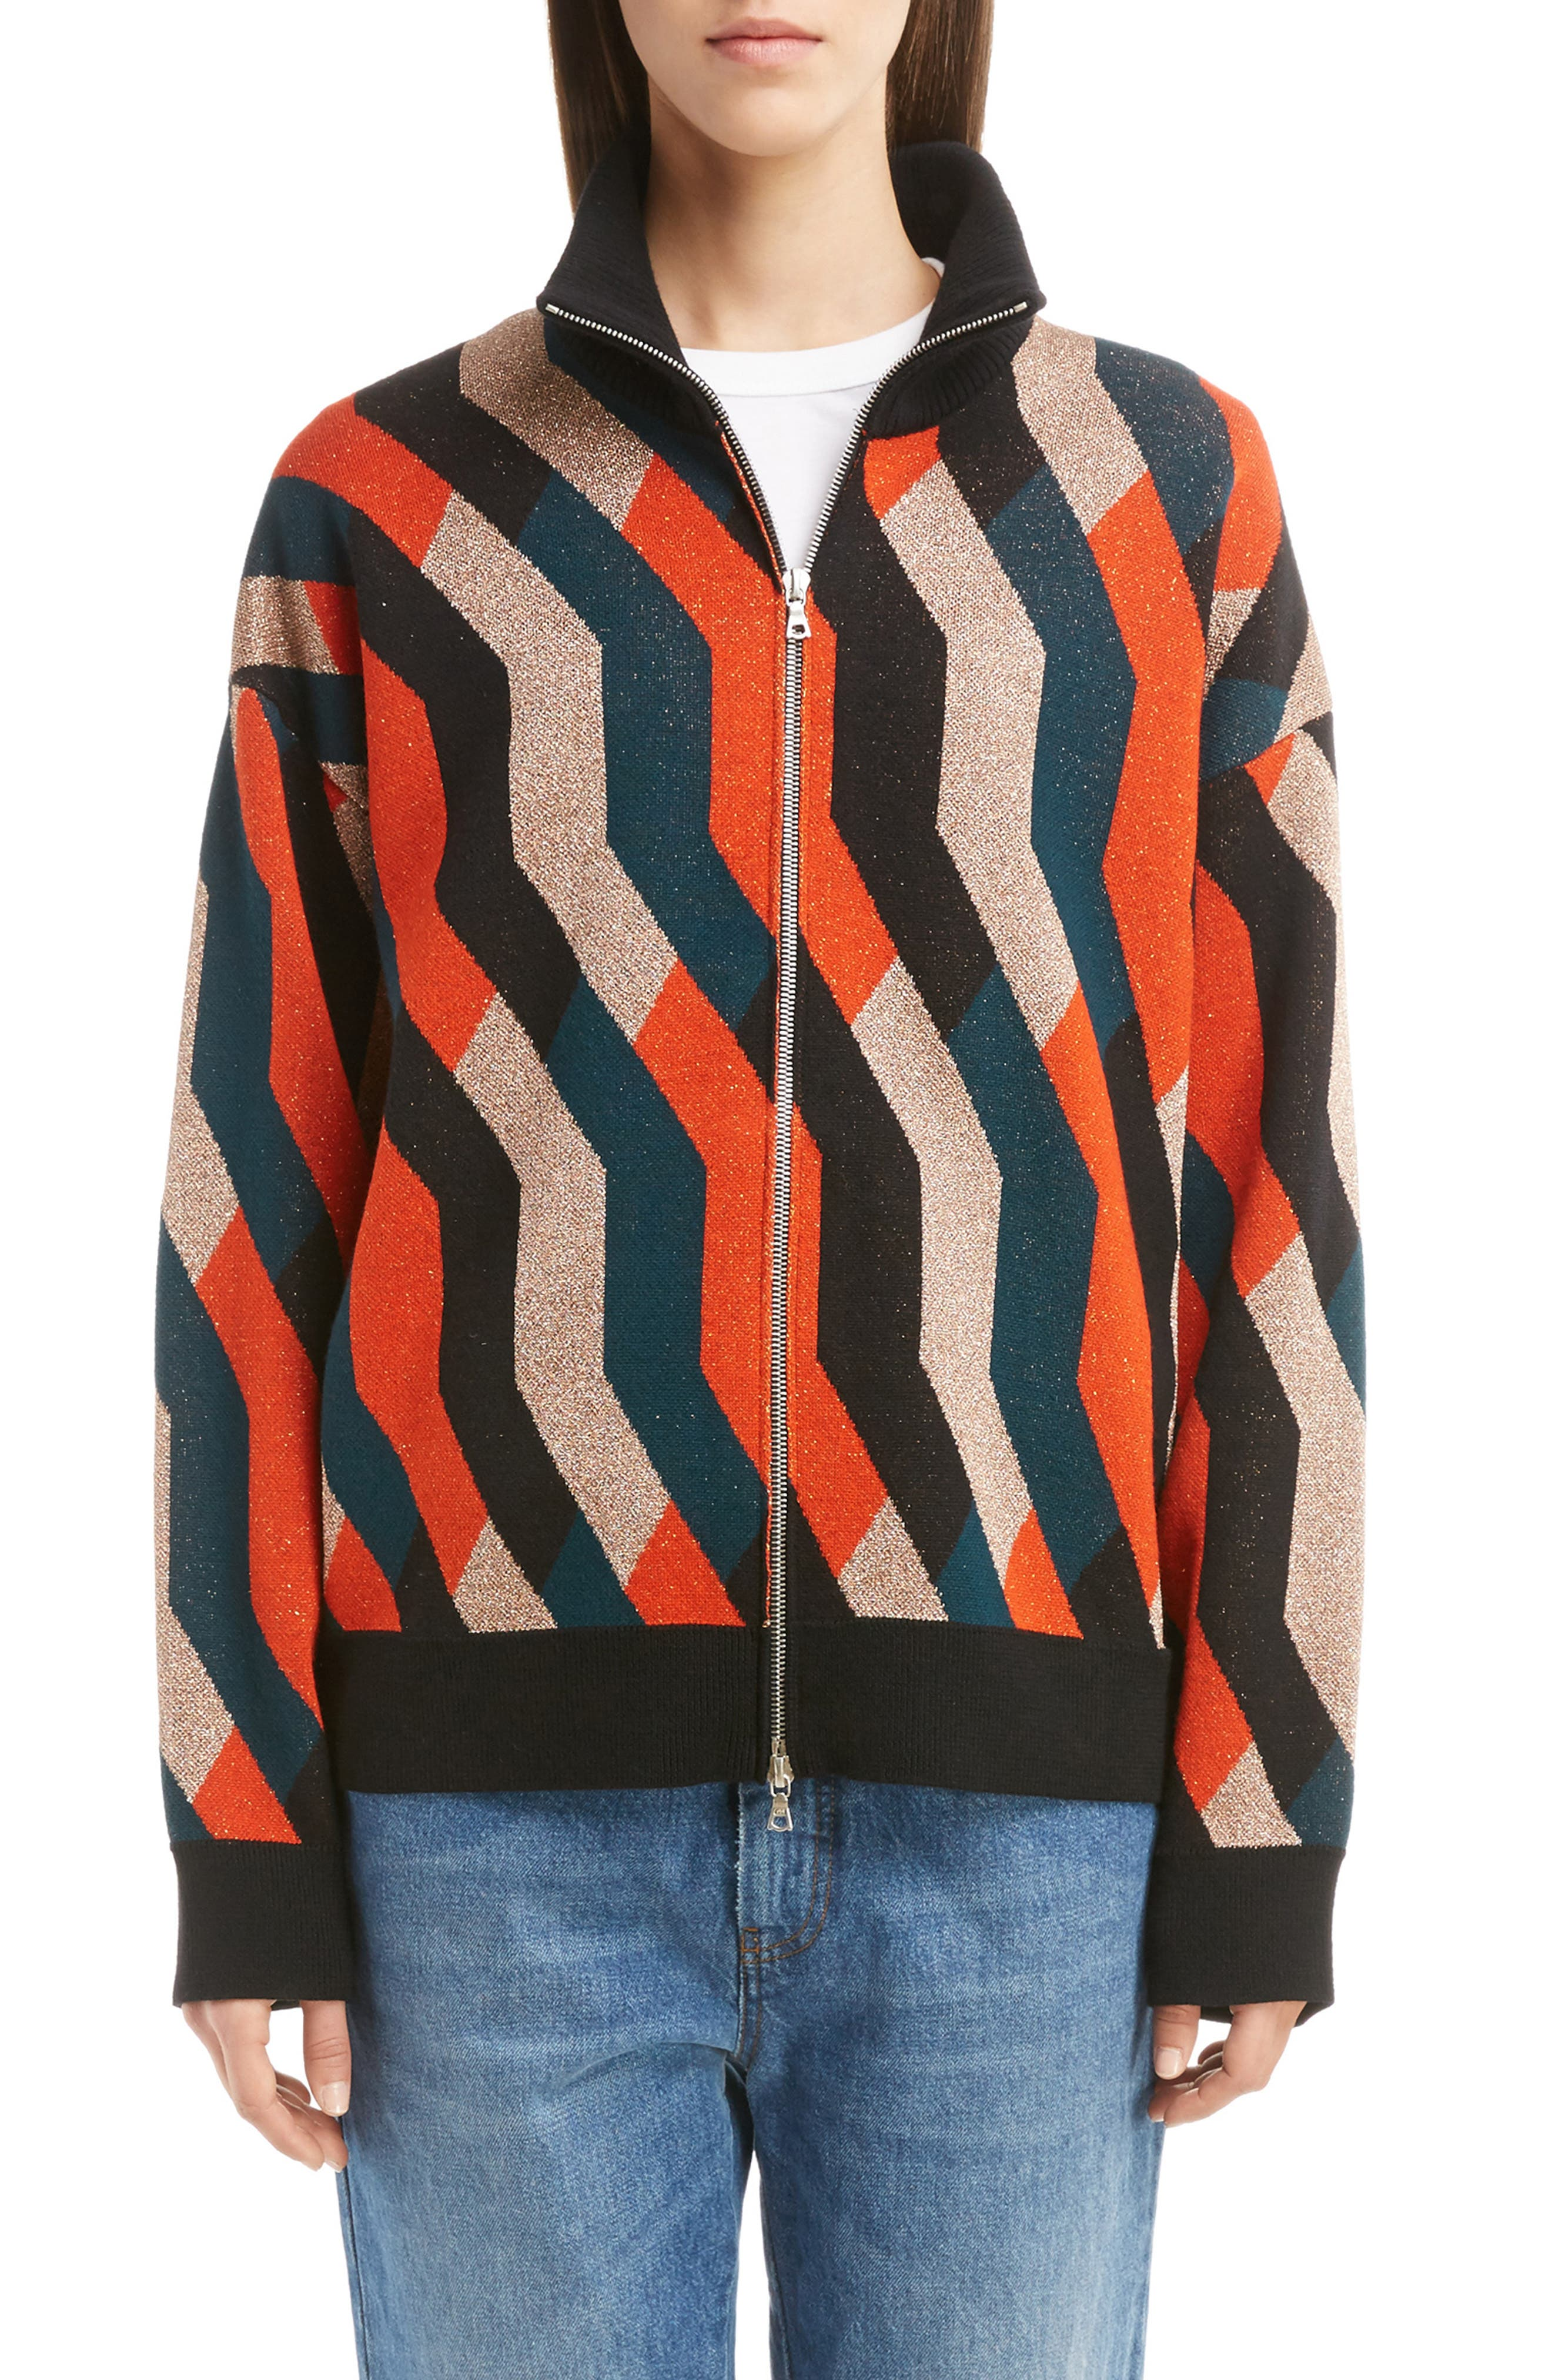 Main Image - Dries Van Noten Graphic Knit Merino Wool Cardigan